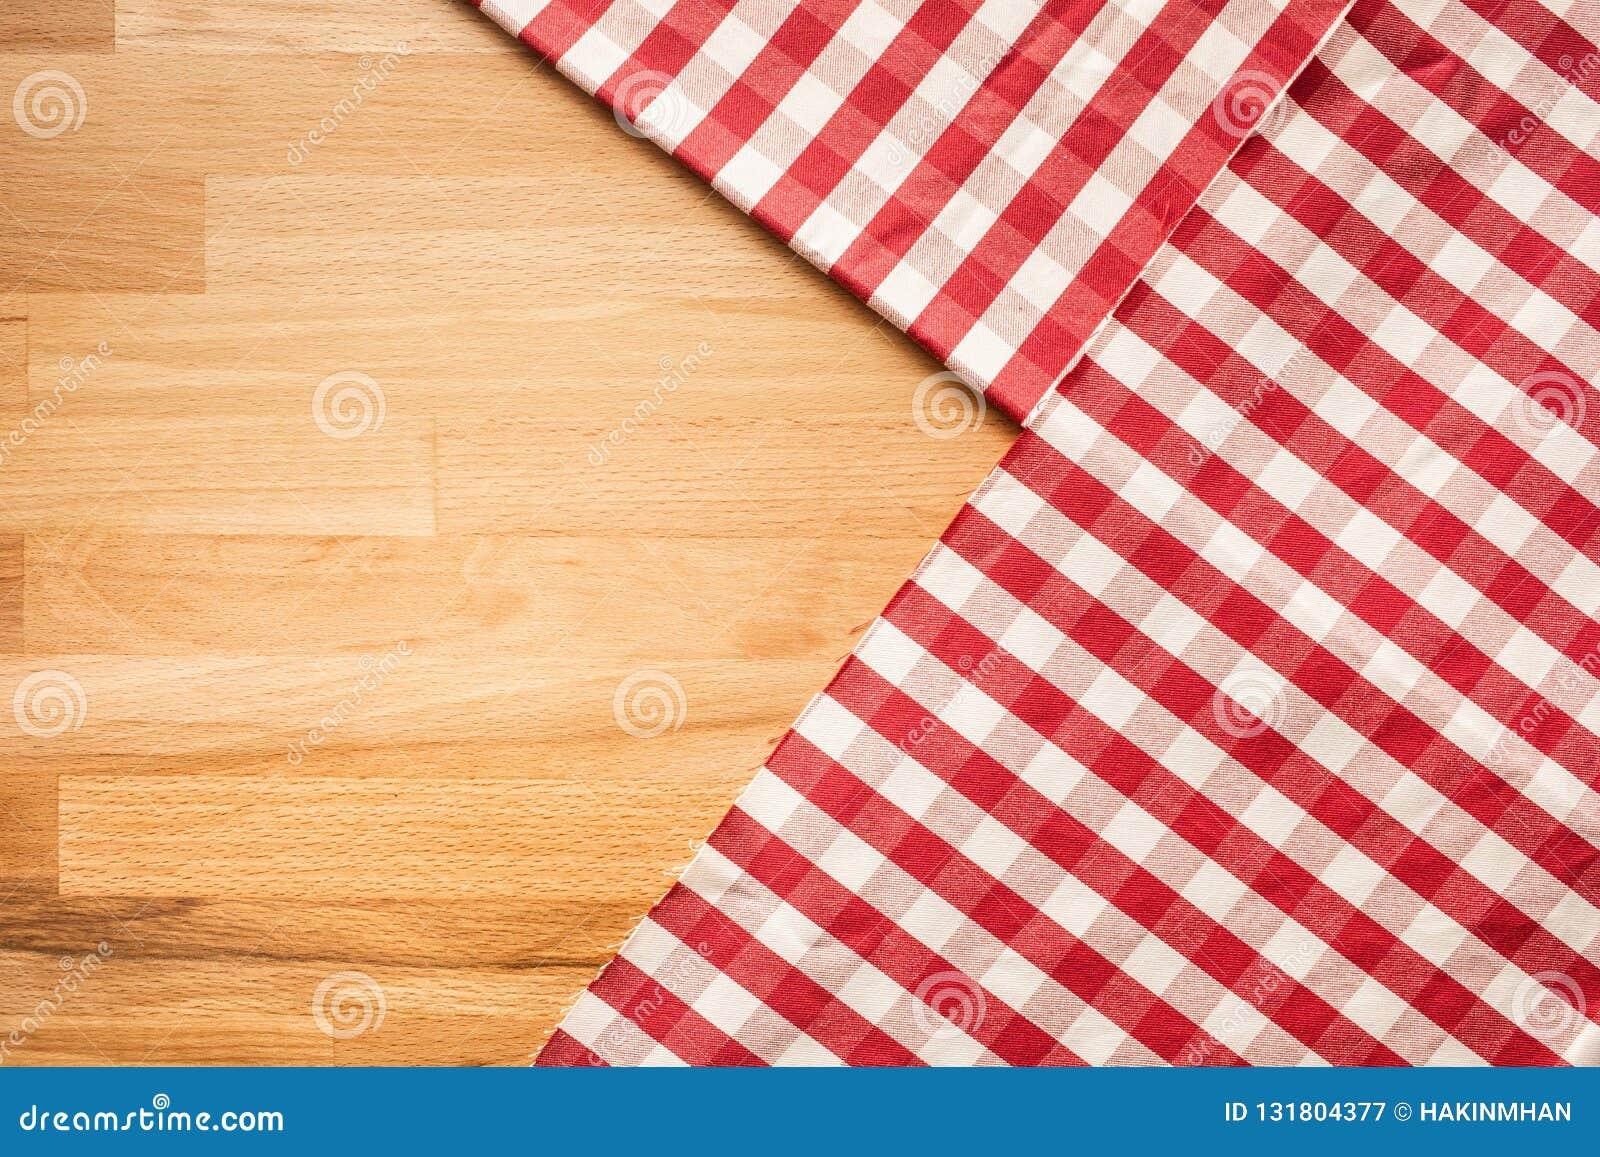 Tela quadriculado vermelha no fundo de madeira da tabela Para a decoração